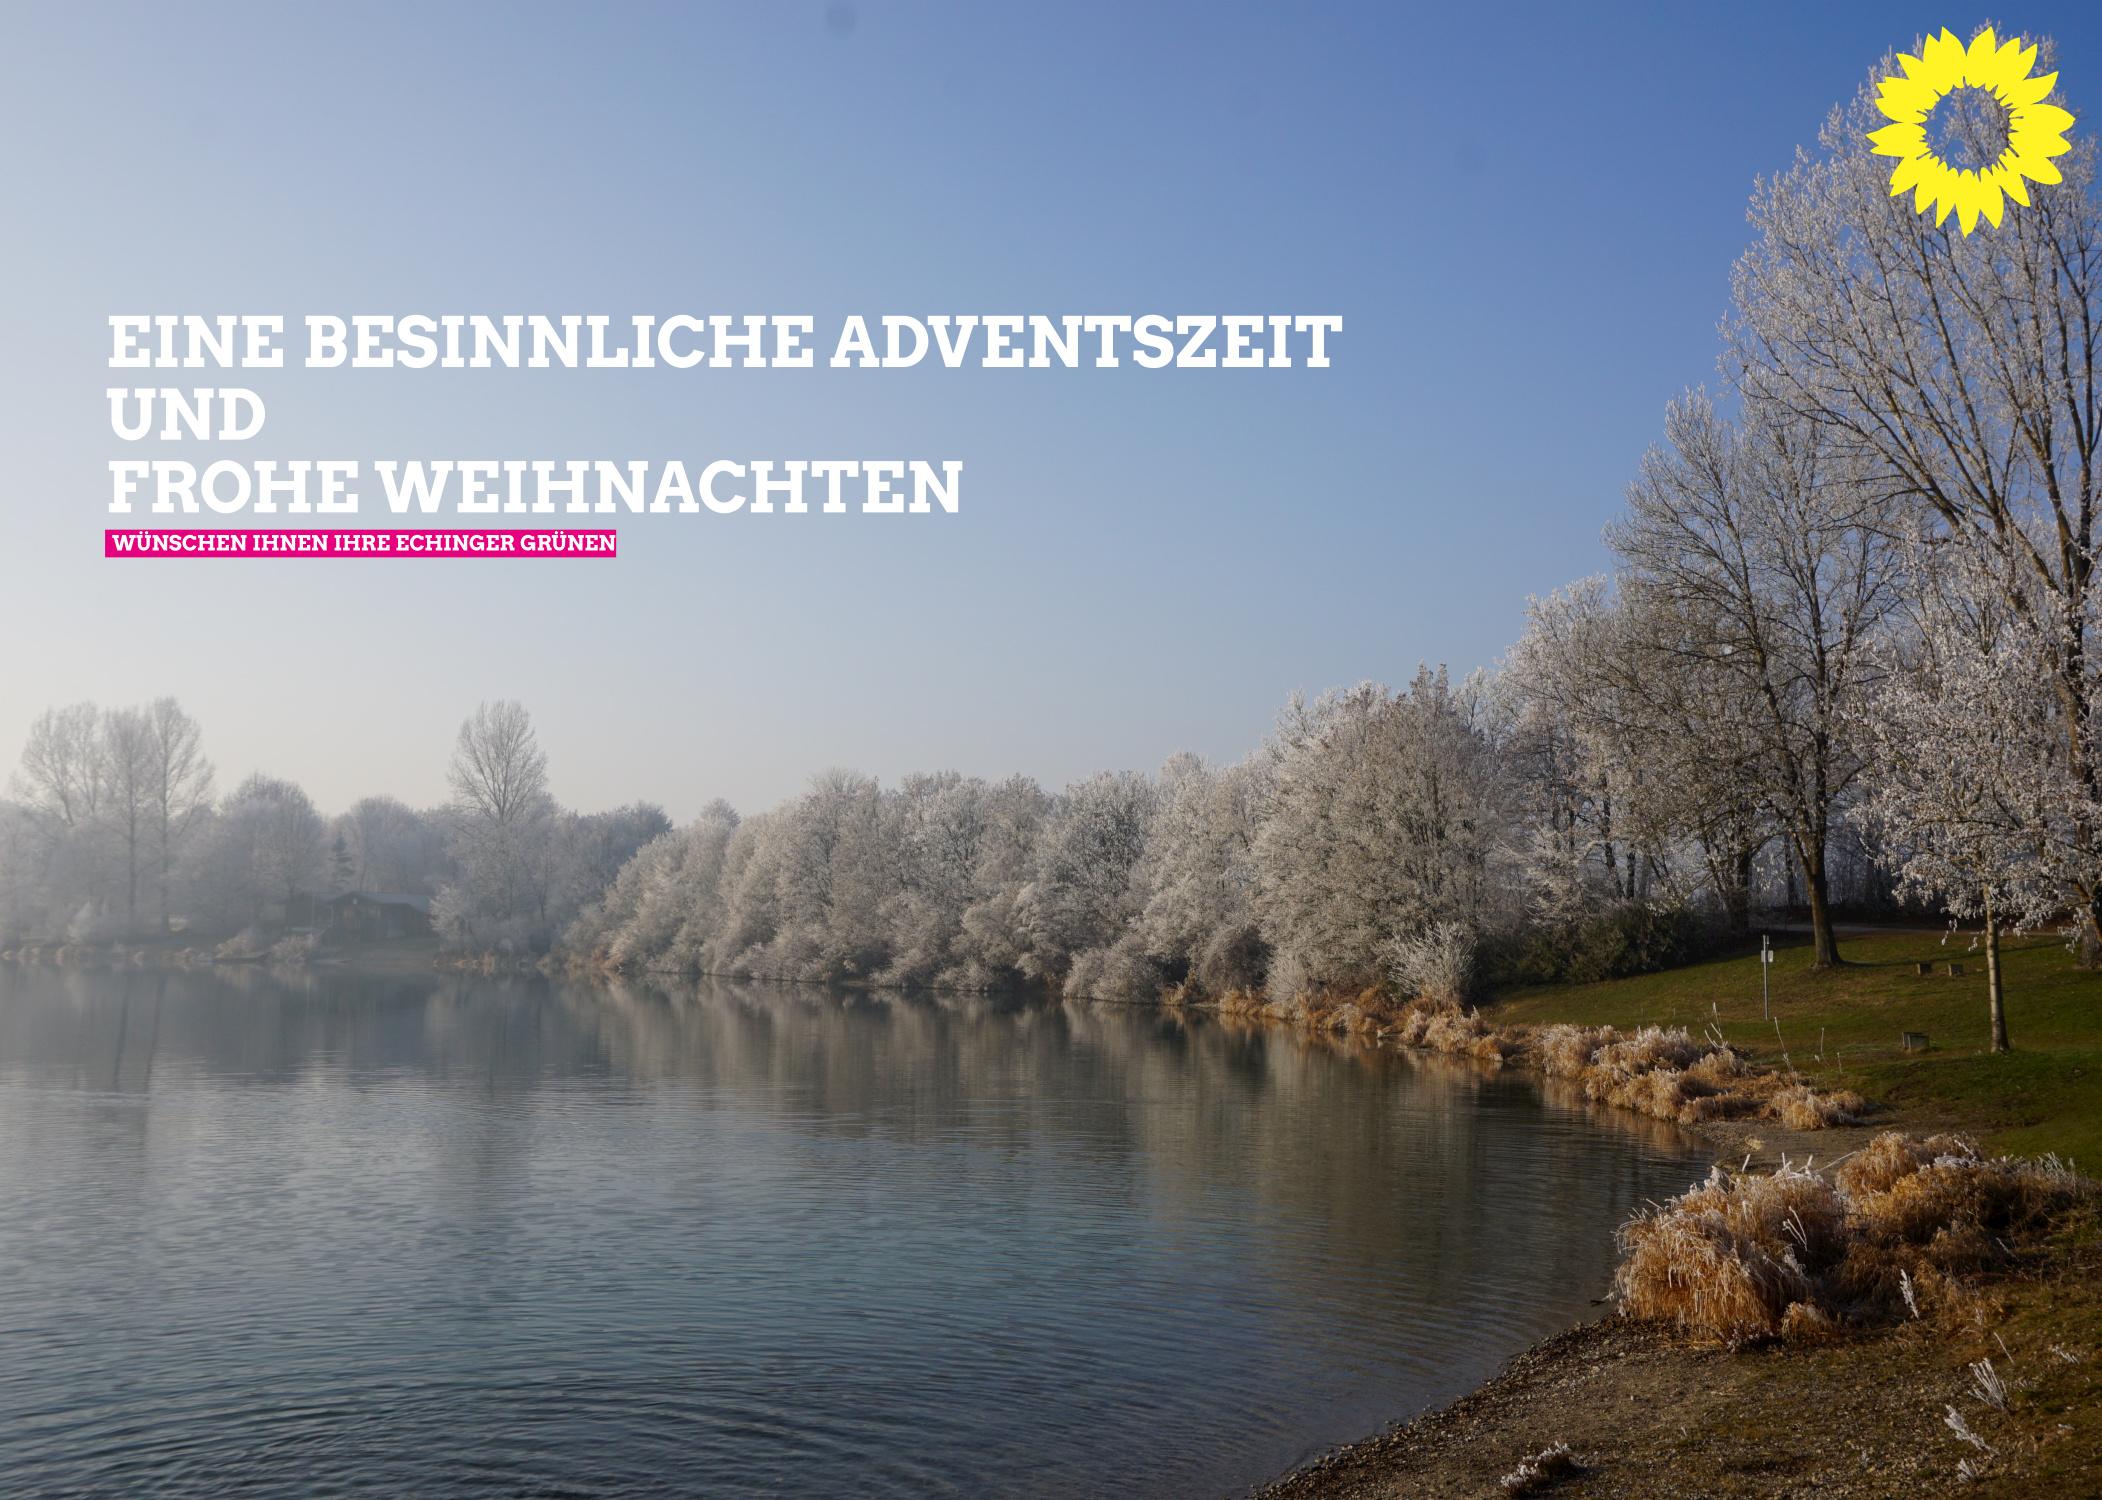 Artikel aus dem Echinger Forum 11/2020